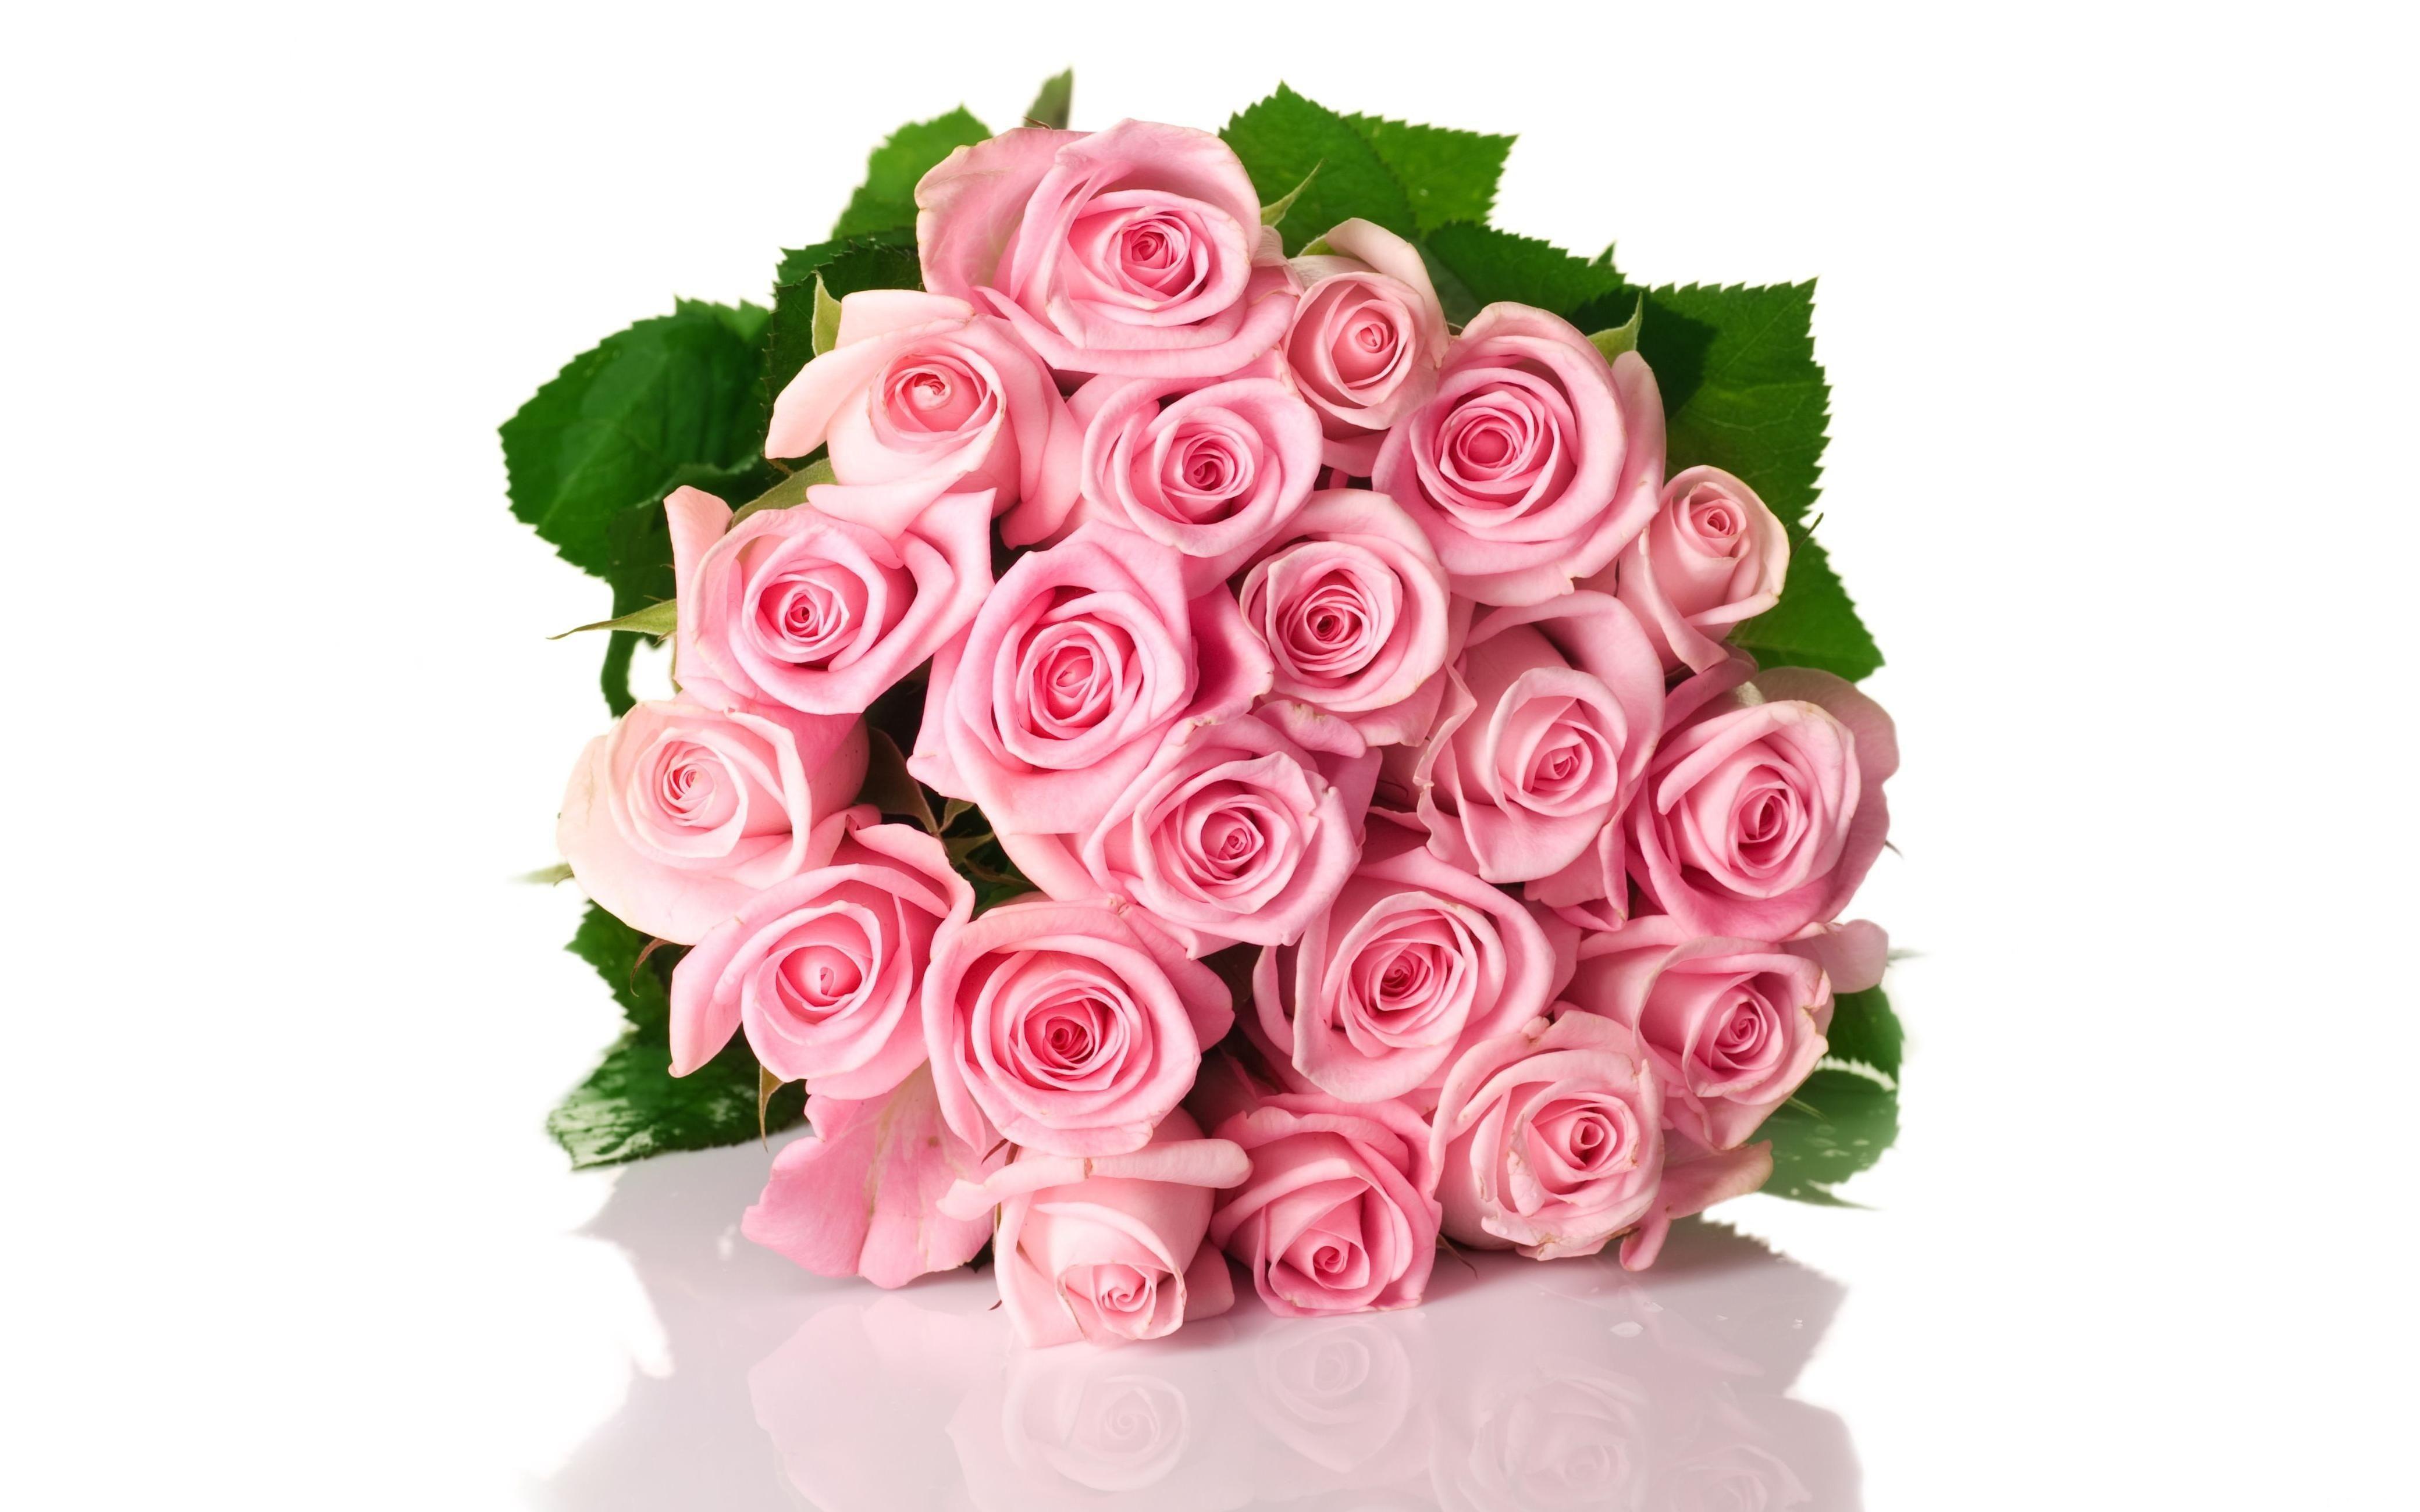 Открытки с розами на день рождения на белом фоне, черных роз открытки